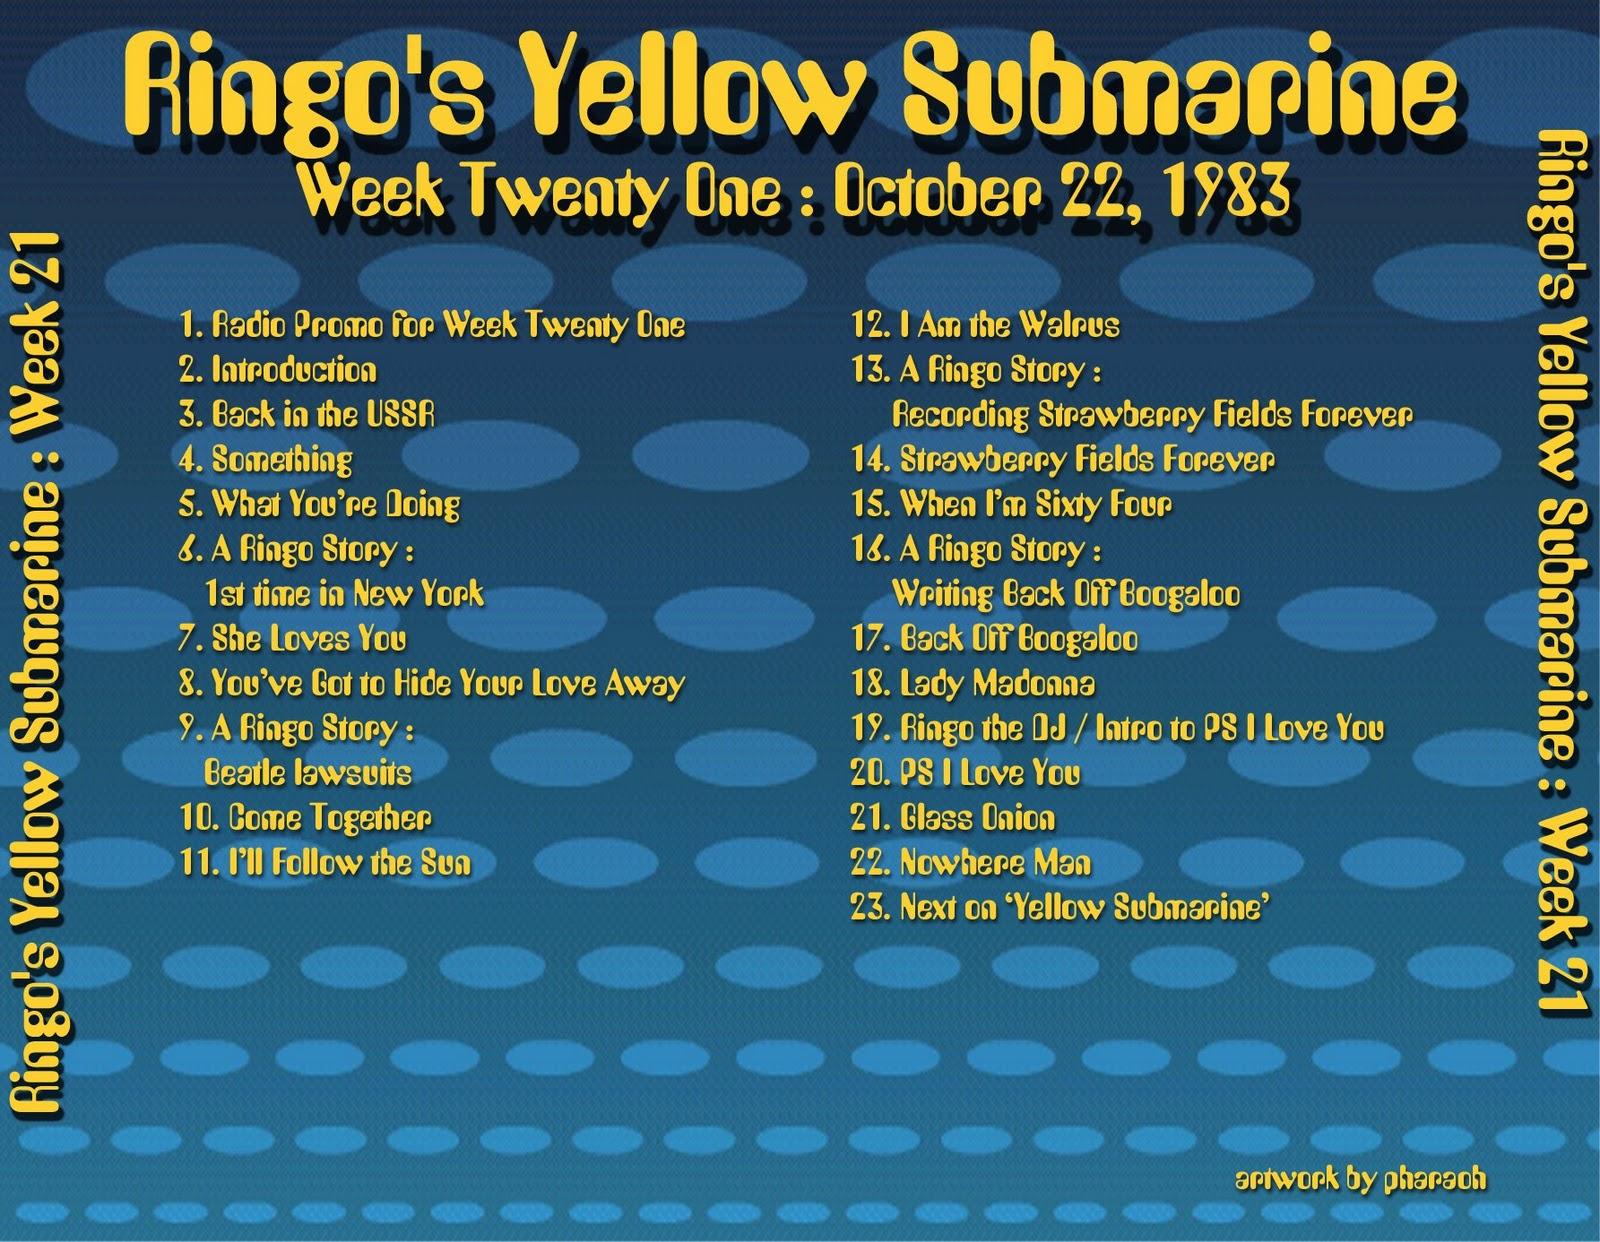 Beatles Radio Waves: 1983 10 22 Ringo's Yellow Submarine 21 #B89B13 1600 1242